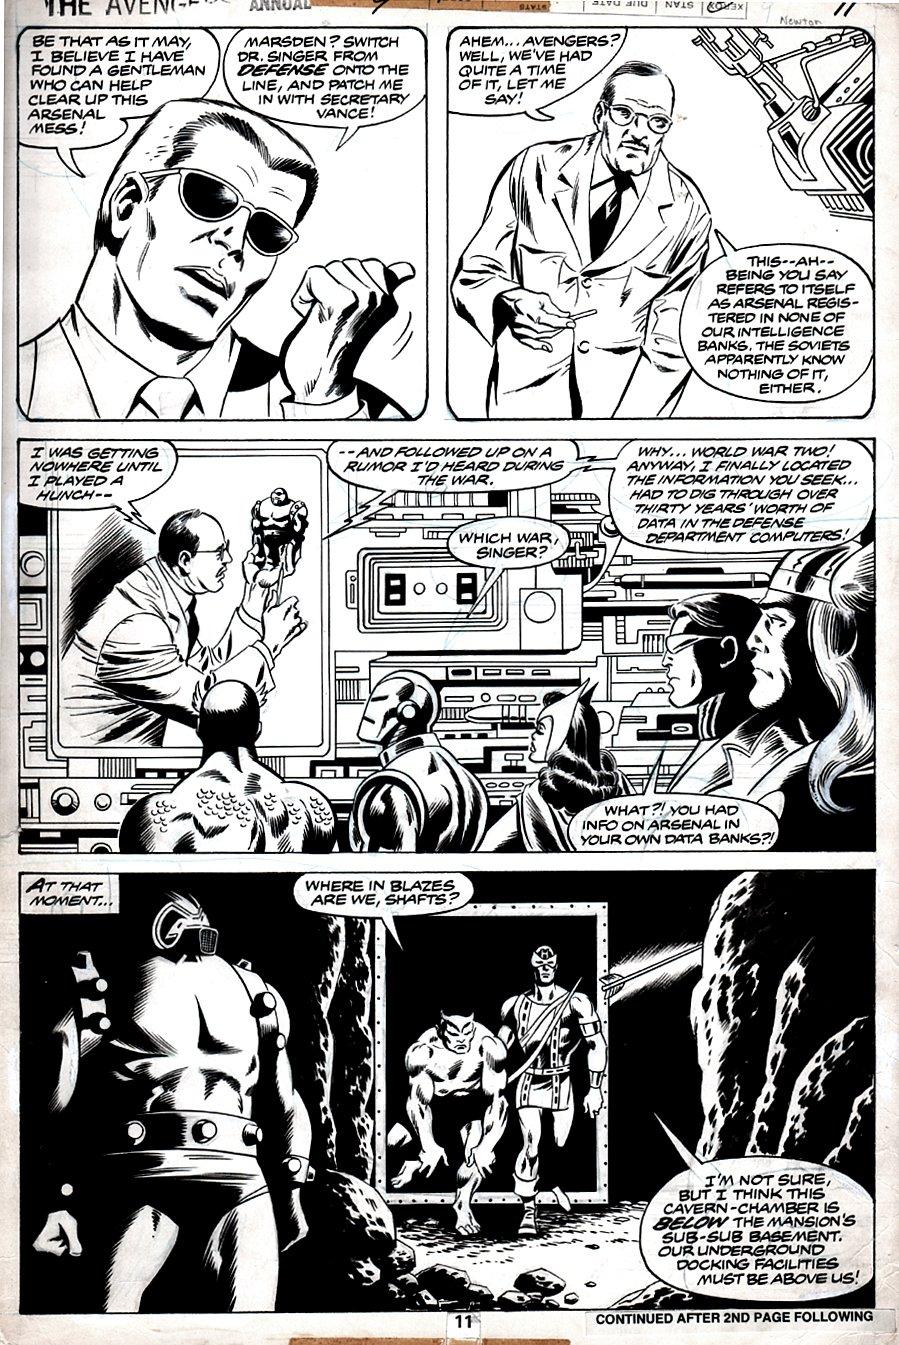 Avengers Annual #9 p 11 ( 7 AVENGERS..& ARSENAL!) 1979